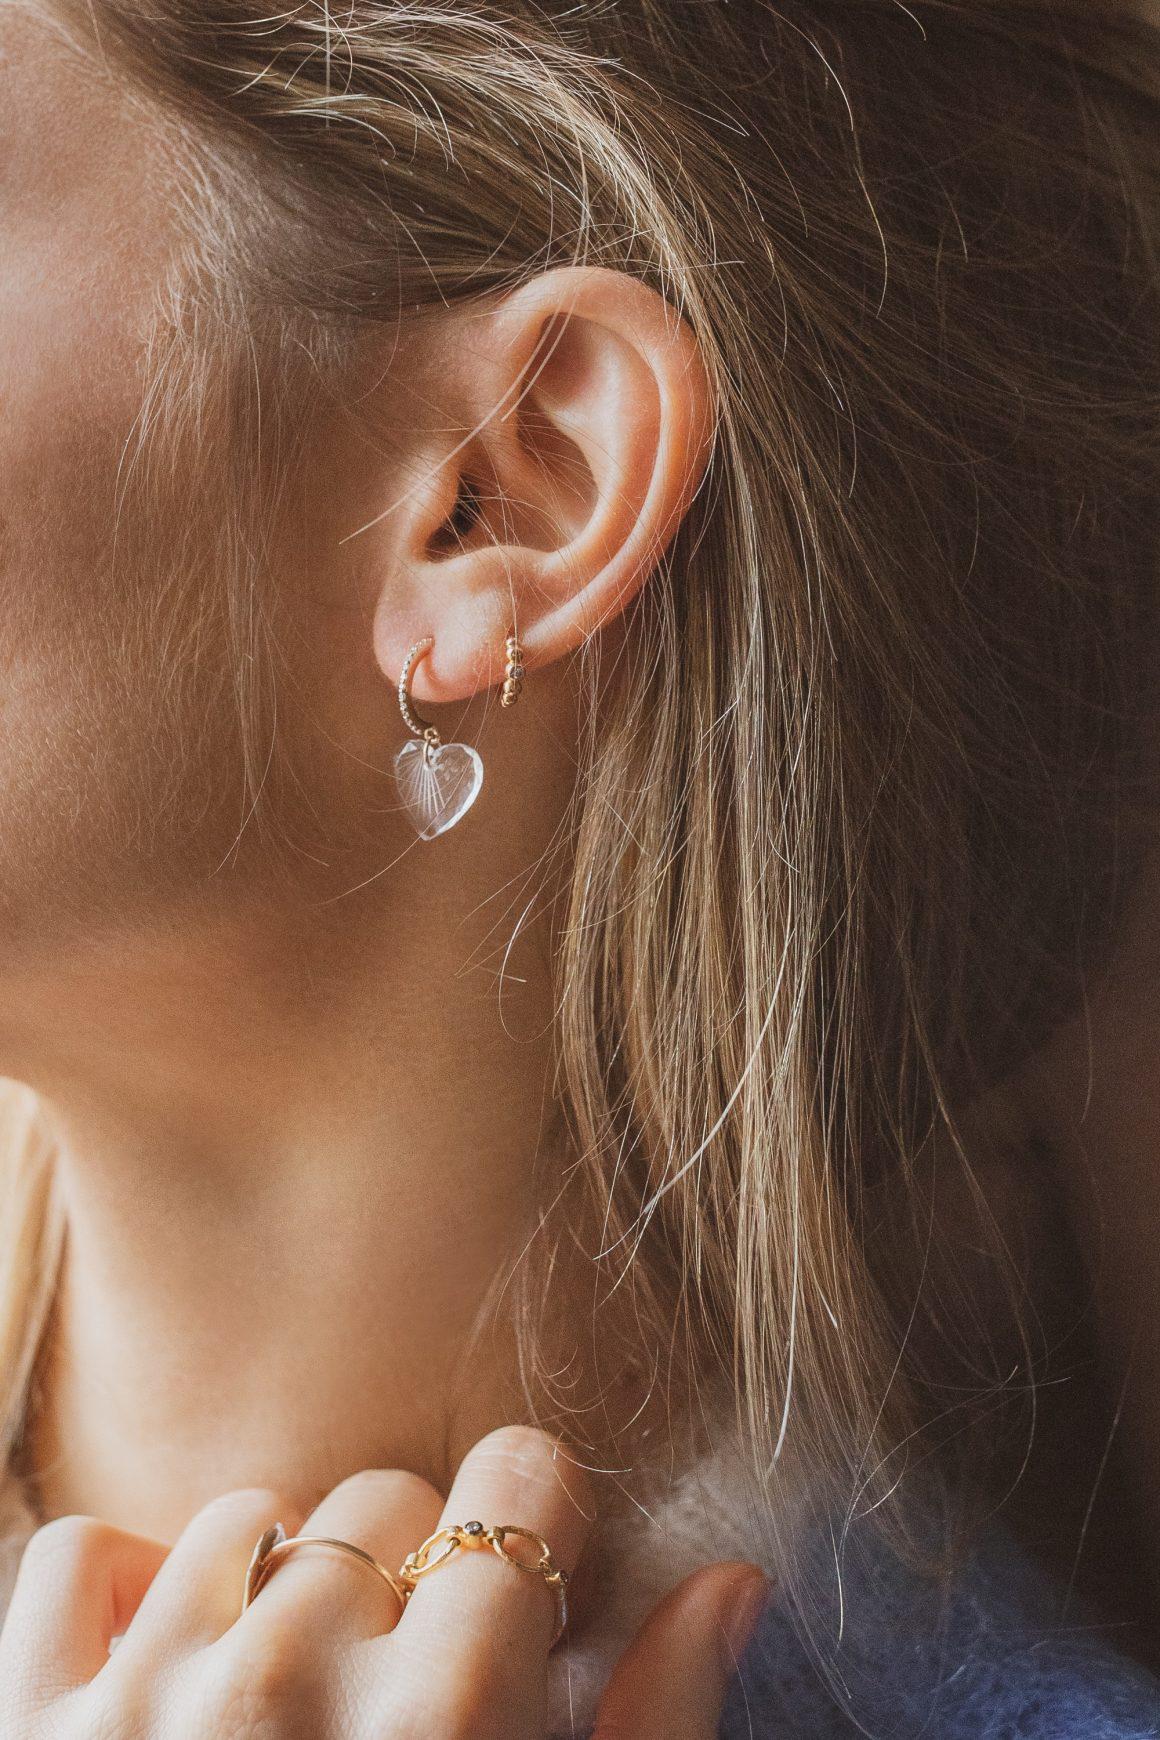 Les boucles d'oreille Gabin N°1 Pascale Monvoisin